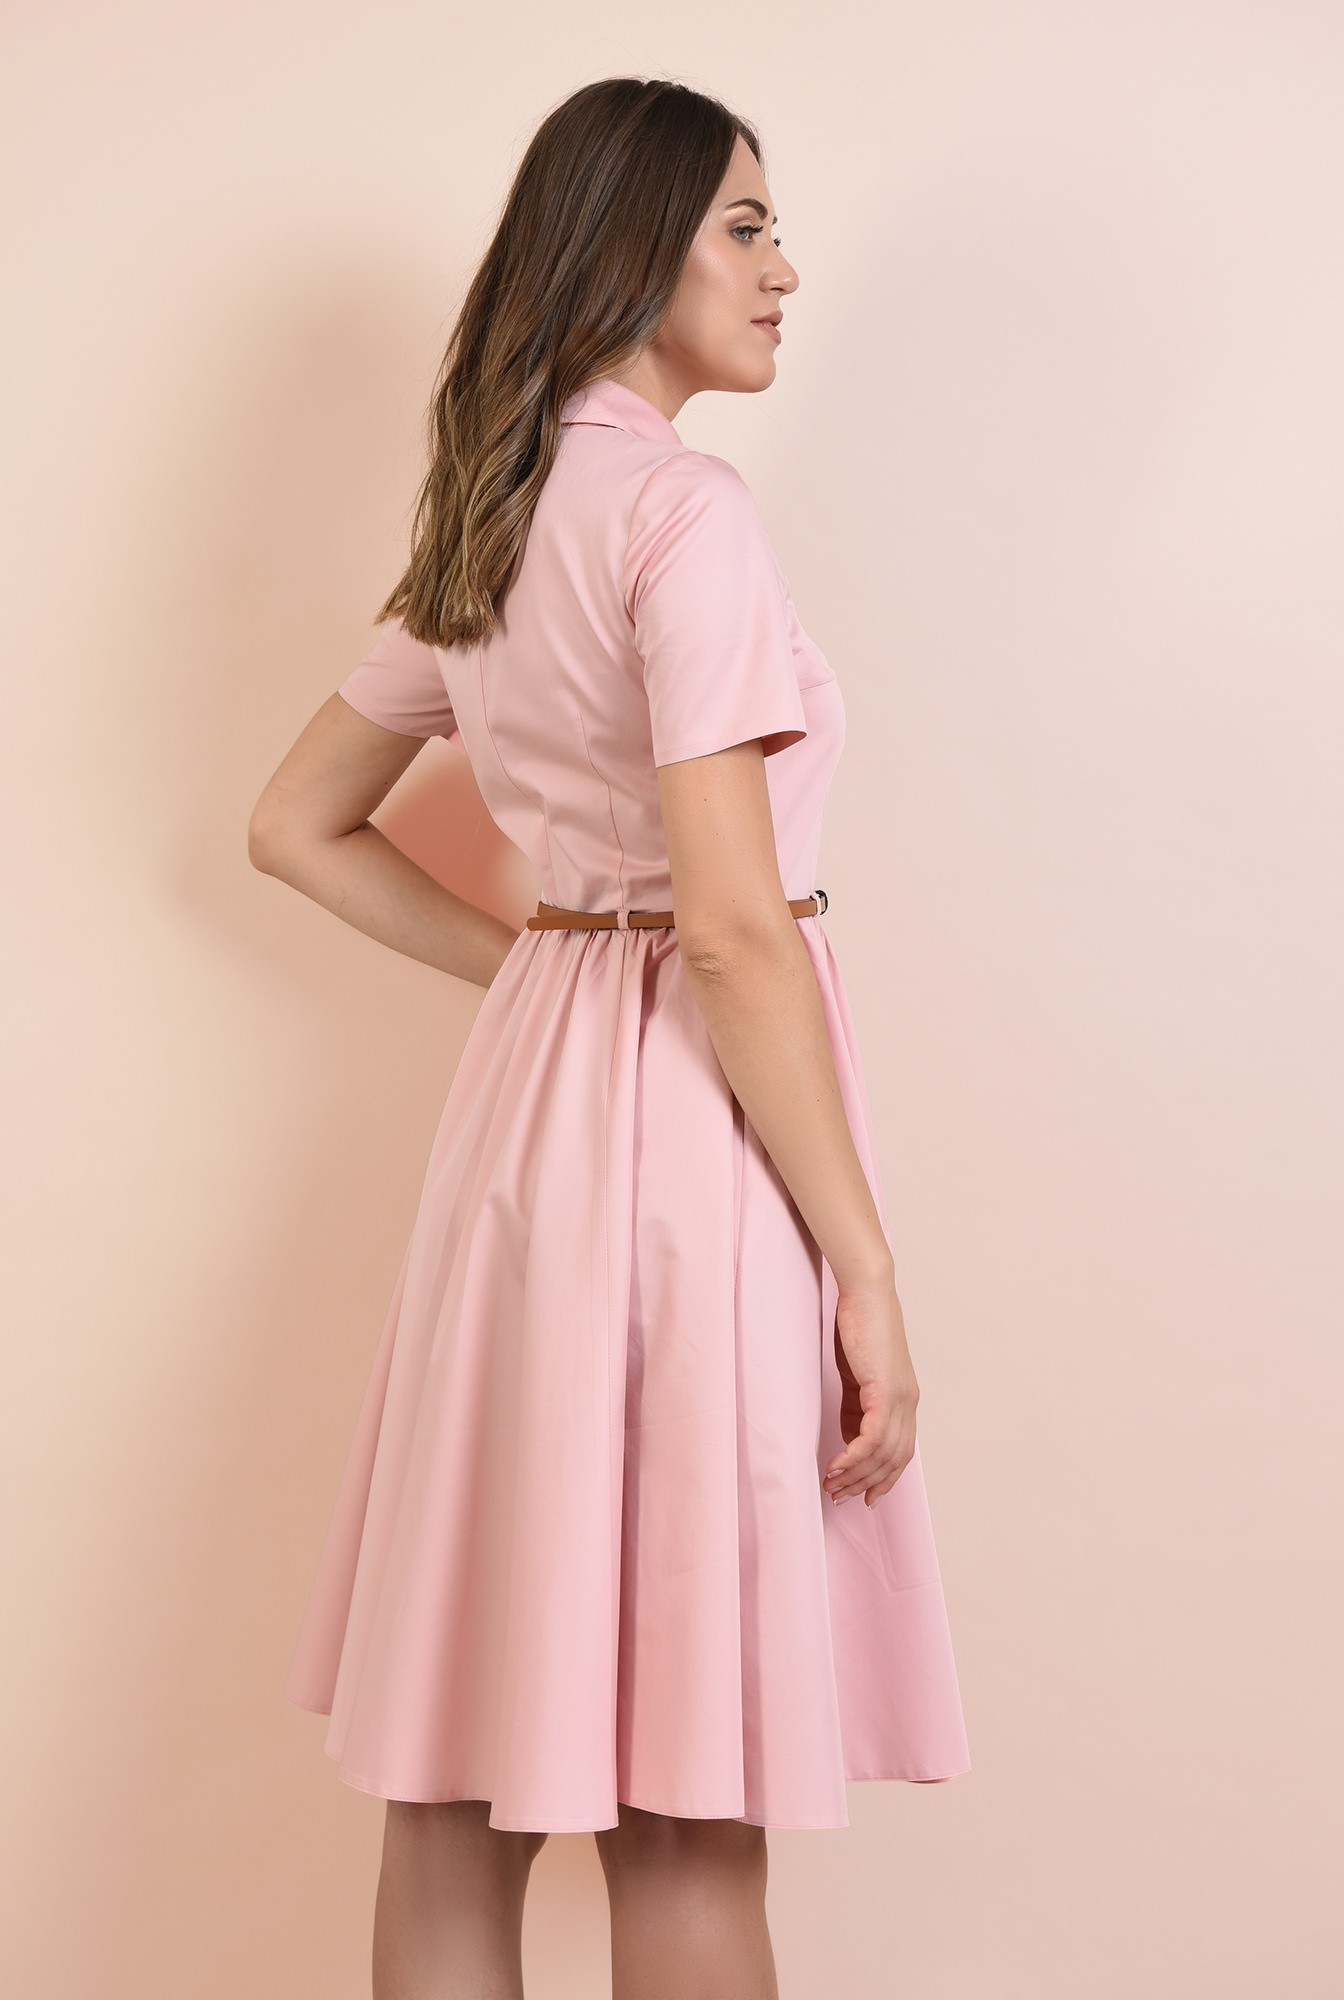 1 - rochie casual, Poema, roz, din bumbac, nasturi, curea, cu guler